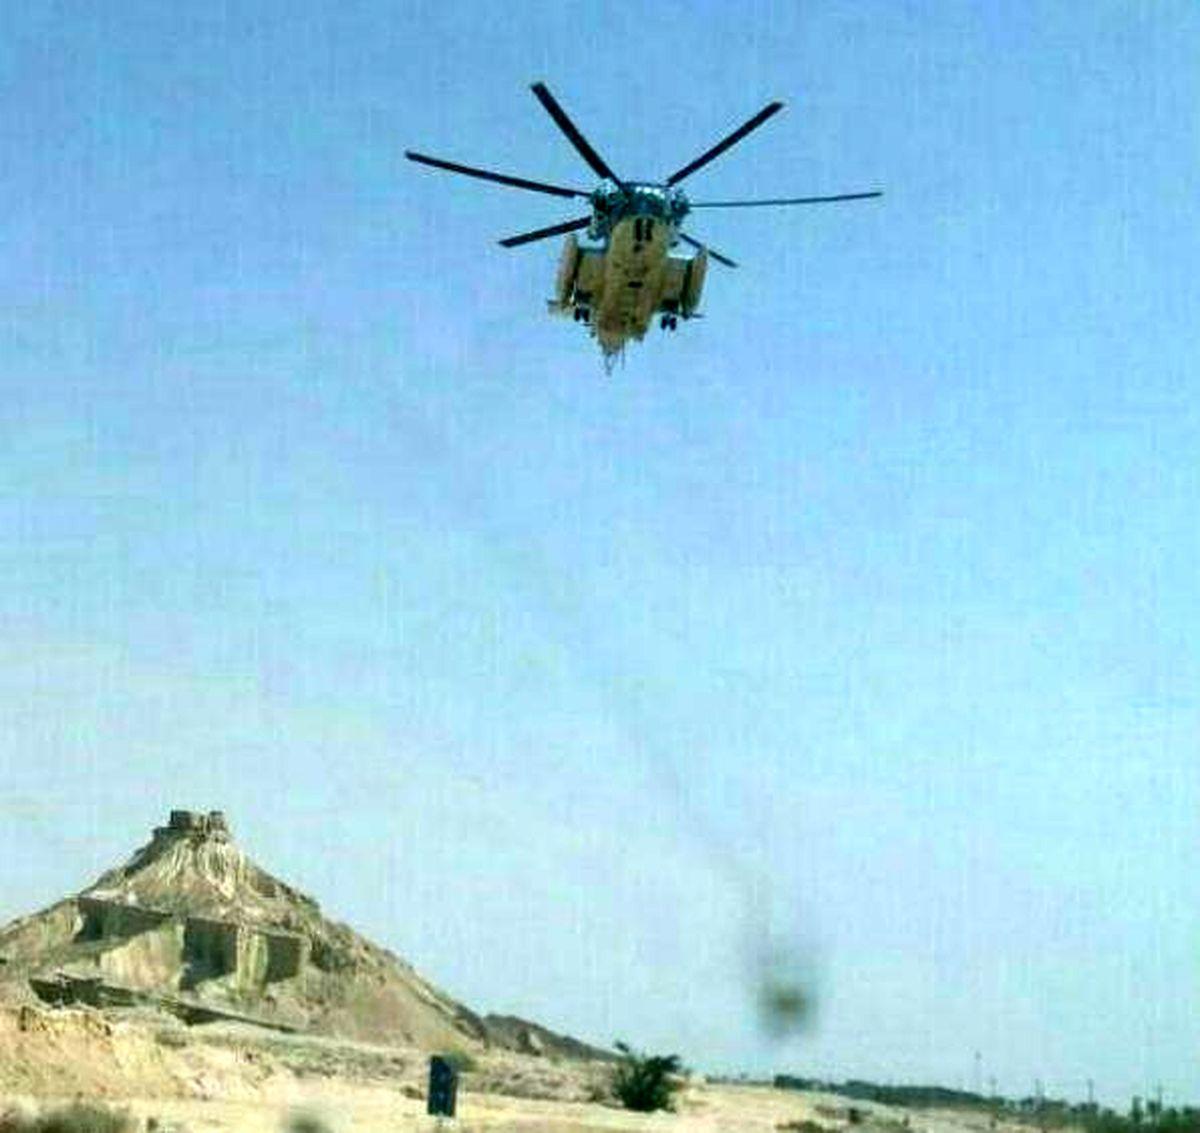 فرود اضطراری بالگرد ارتش در بوشهر +عکس